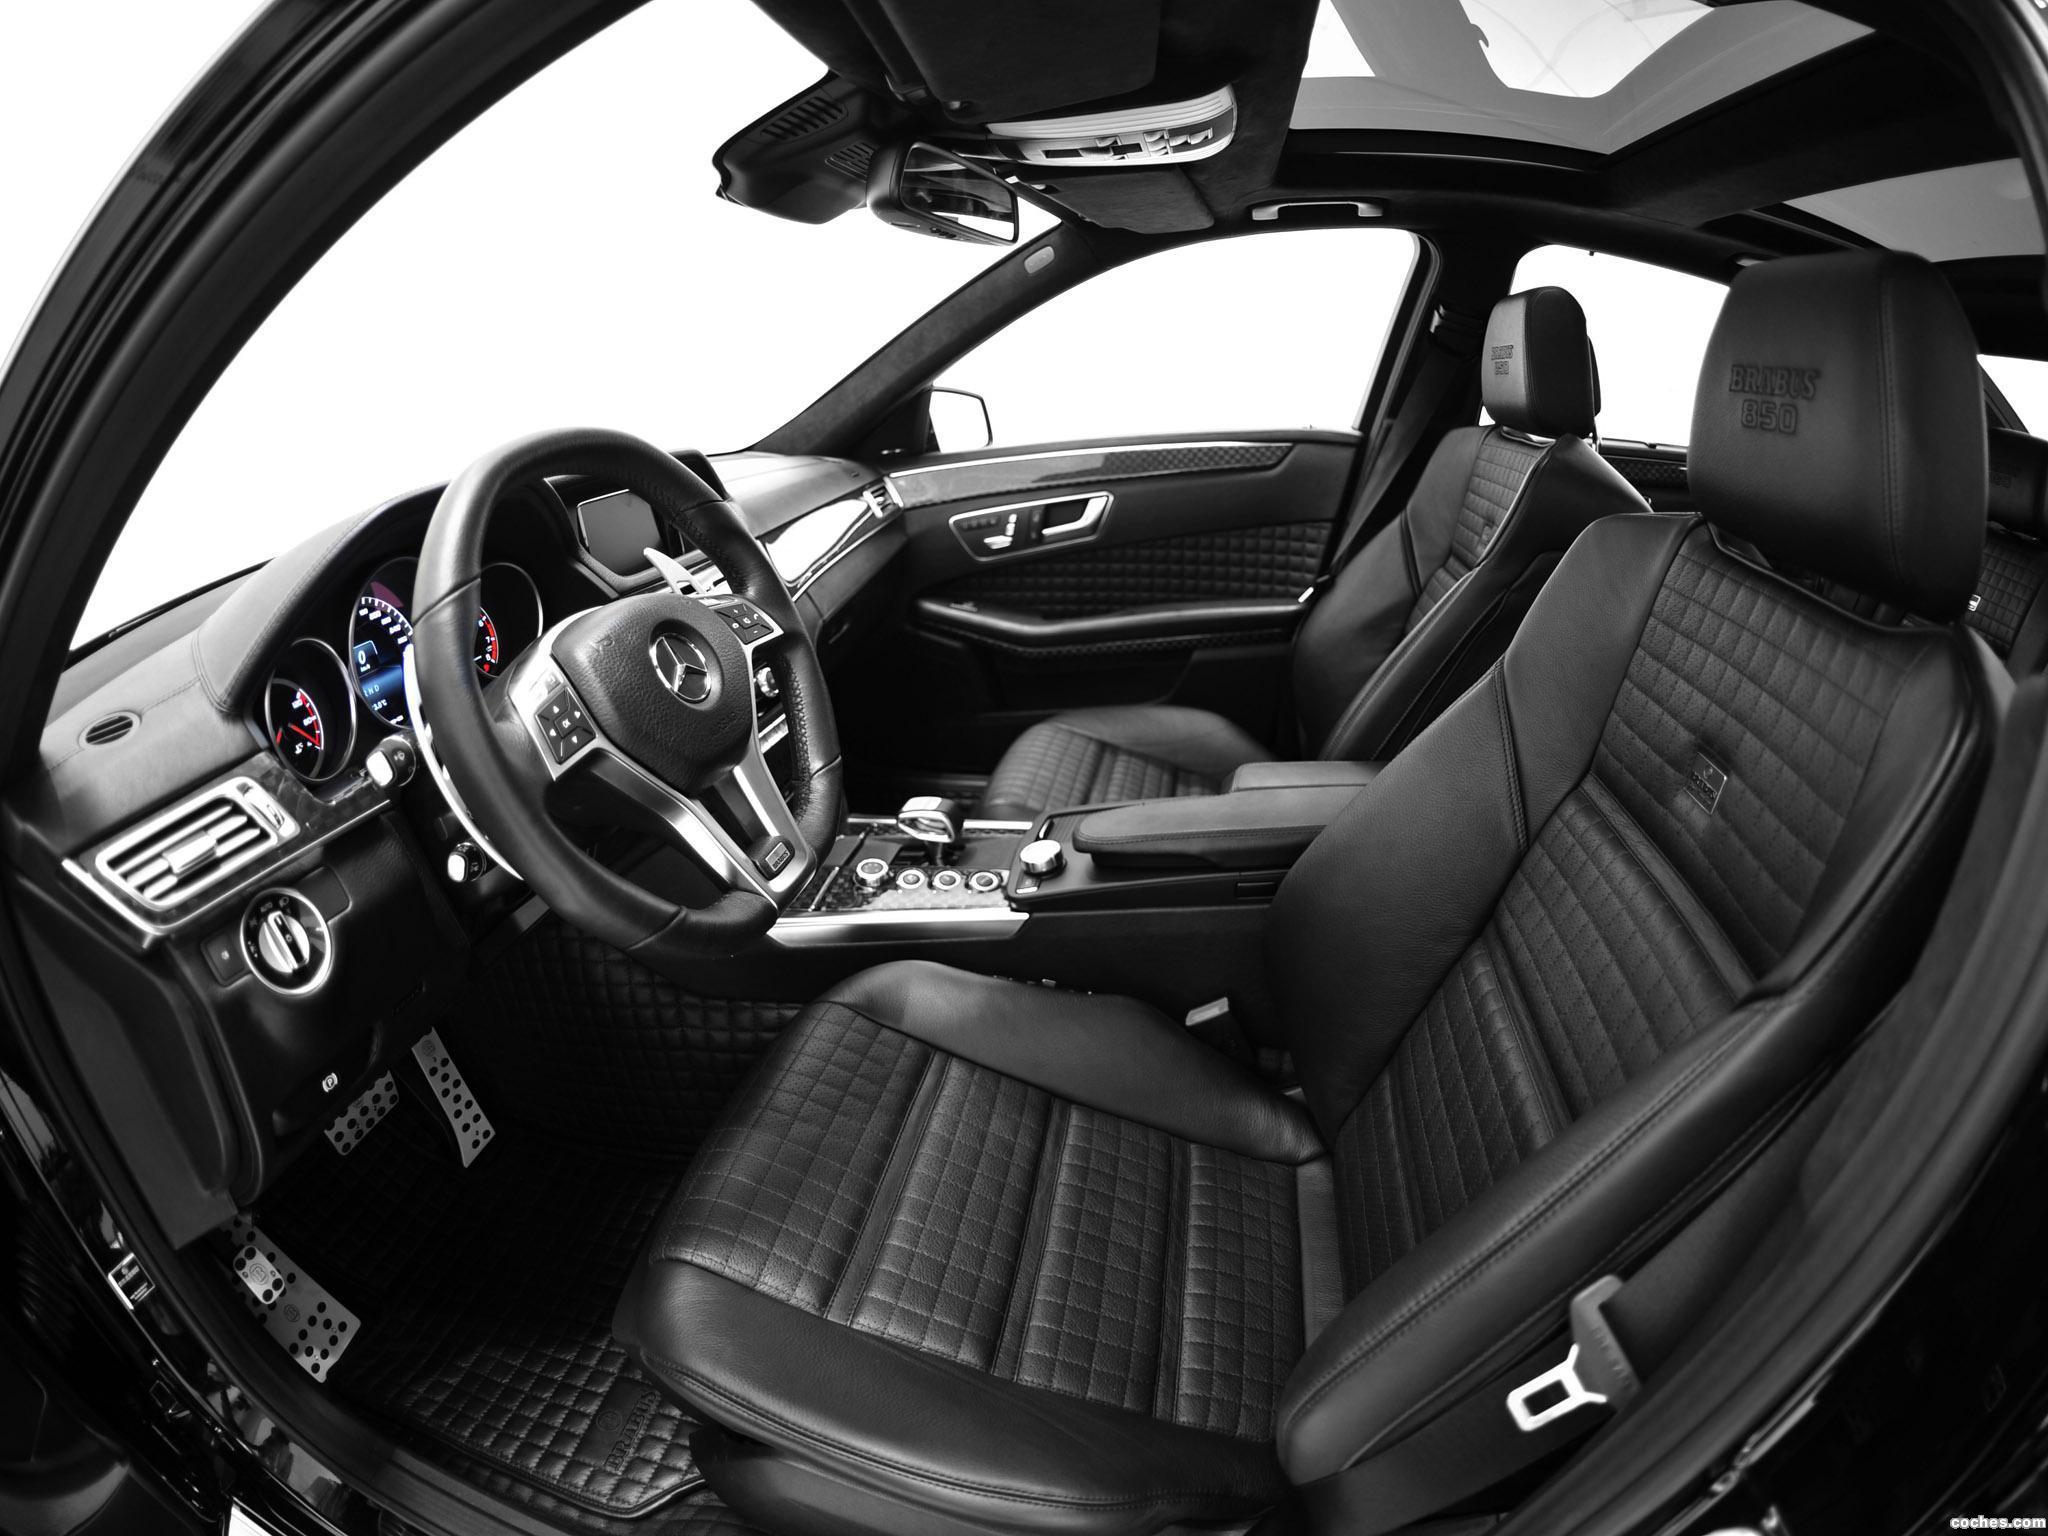 Foto 9 de Brabus Mercedes Clase E AMG E63 850 6.0 Biturbo 2013